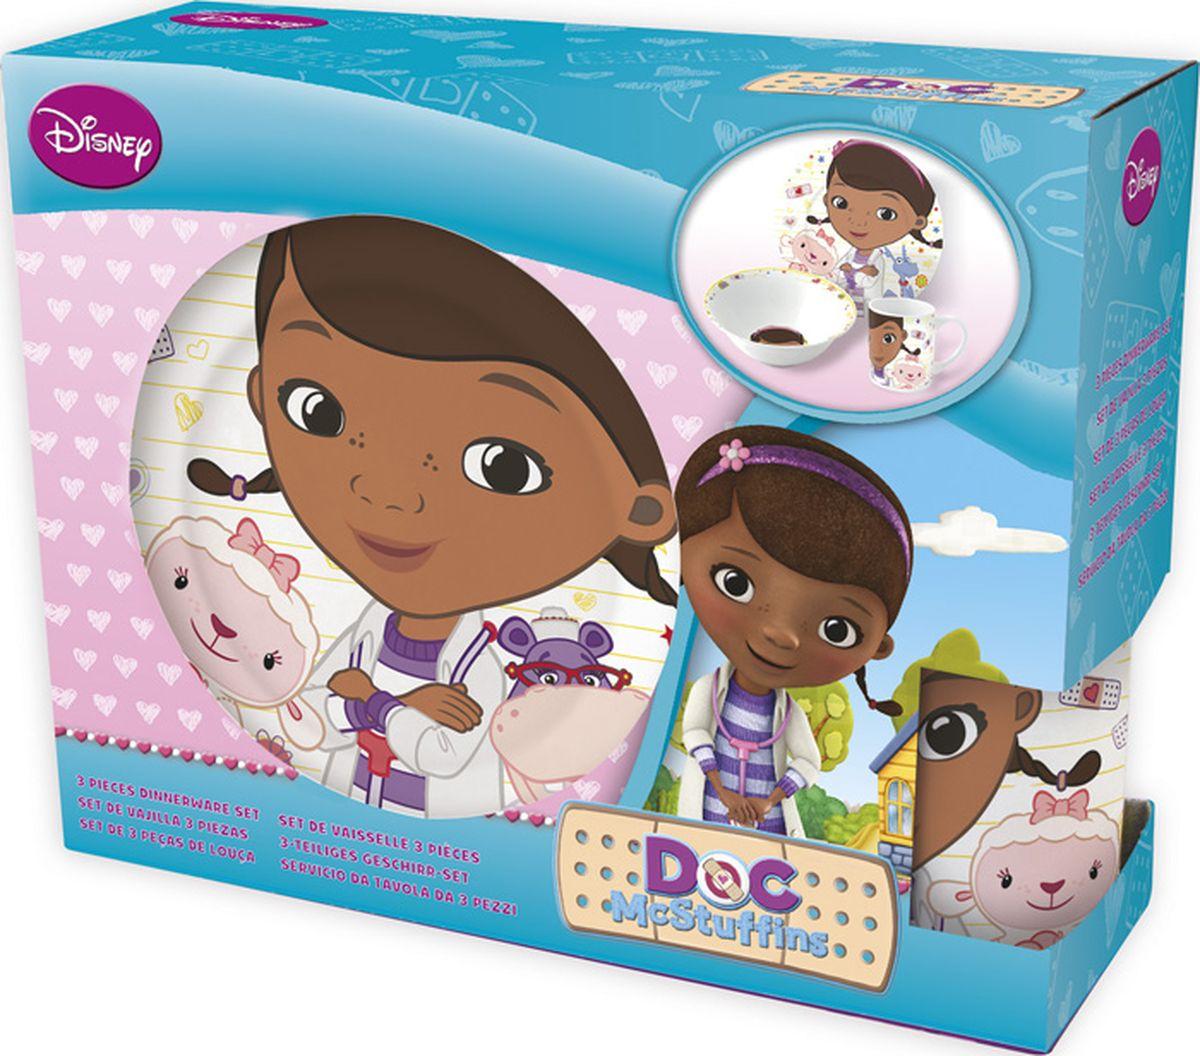 Disney Набор детской посуды Доктор Плюшева 3 предмета